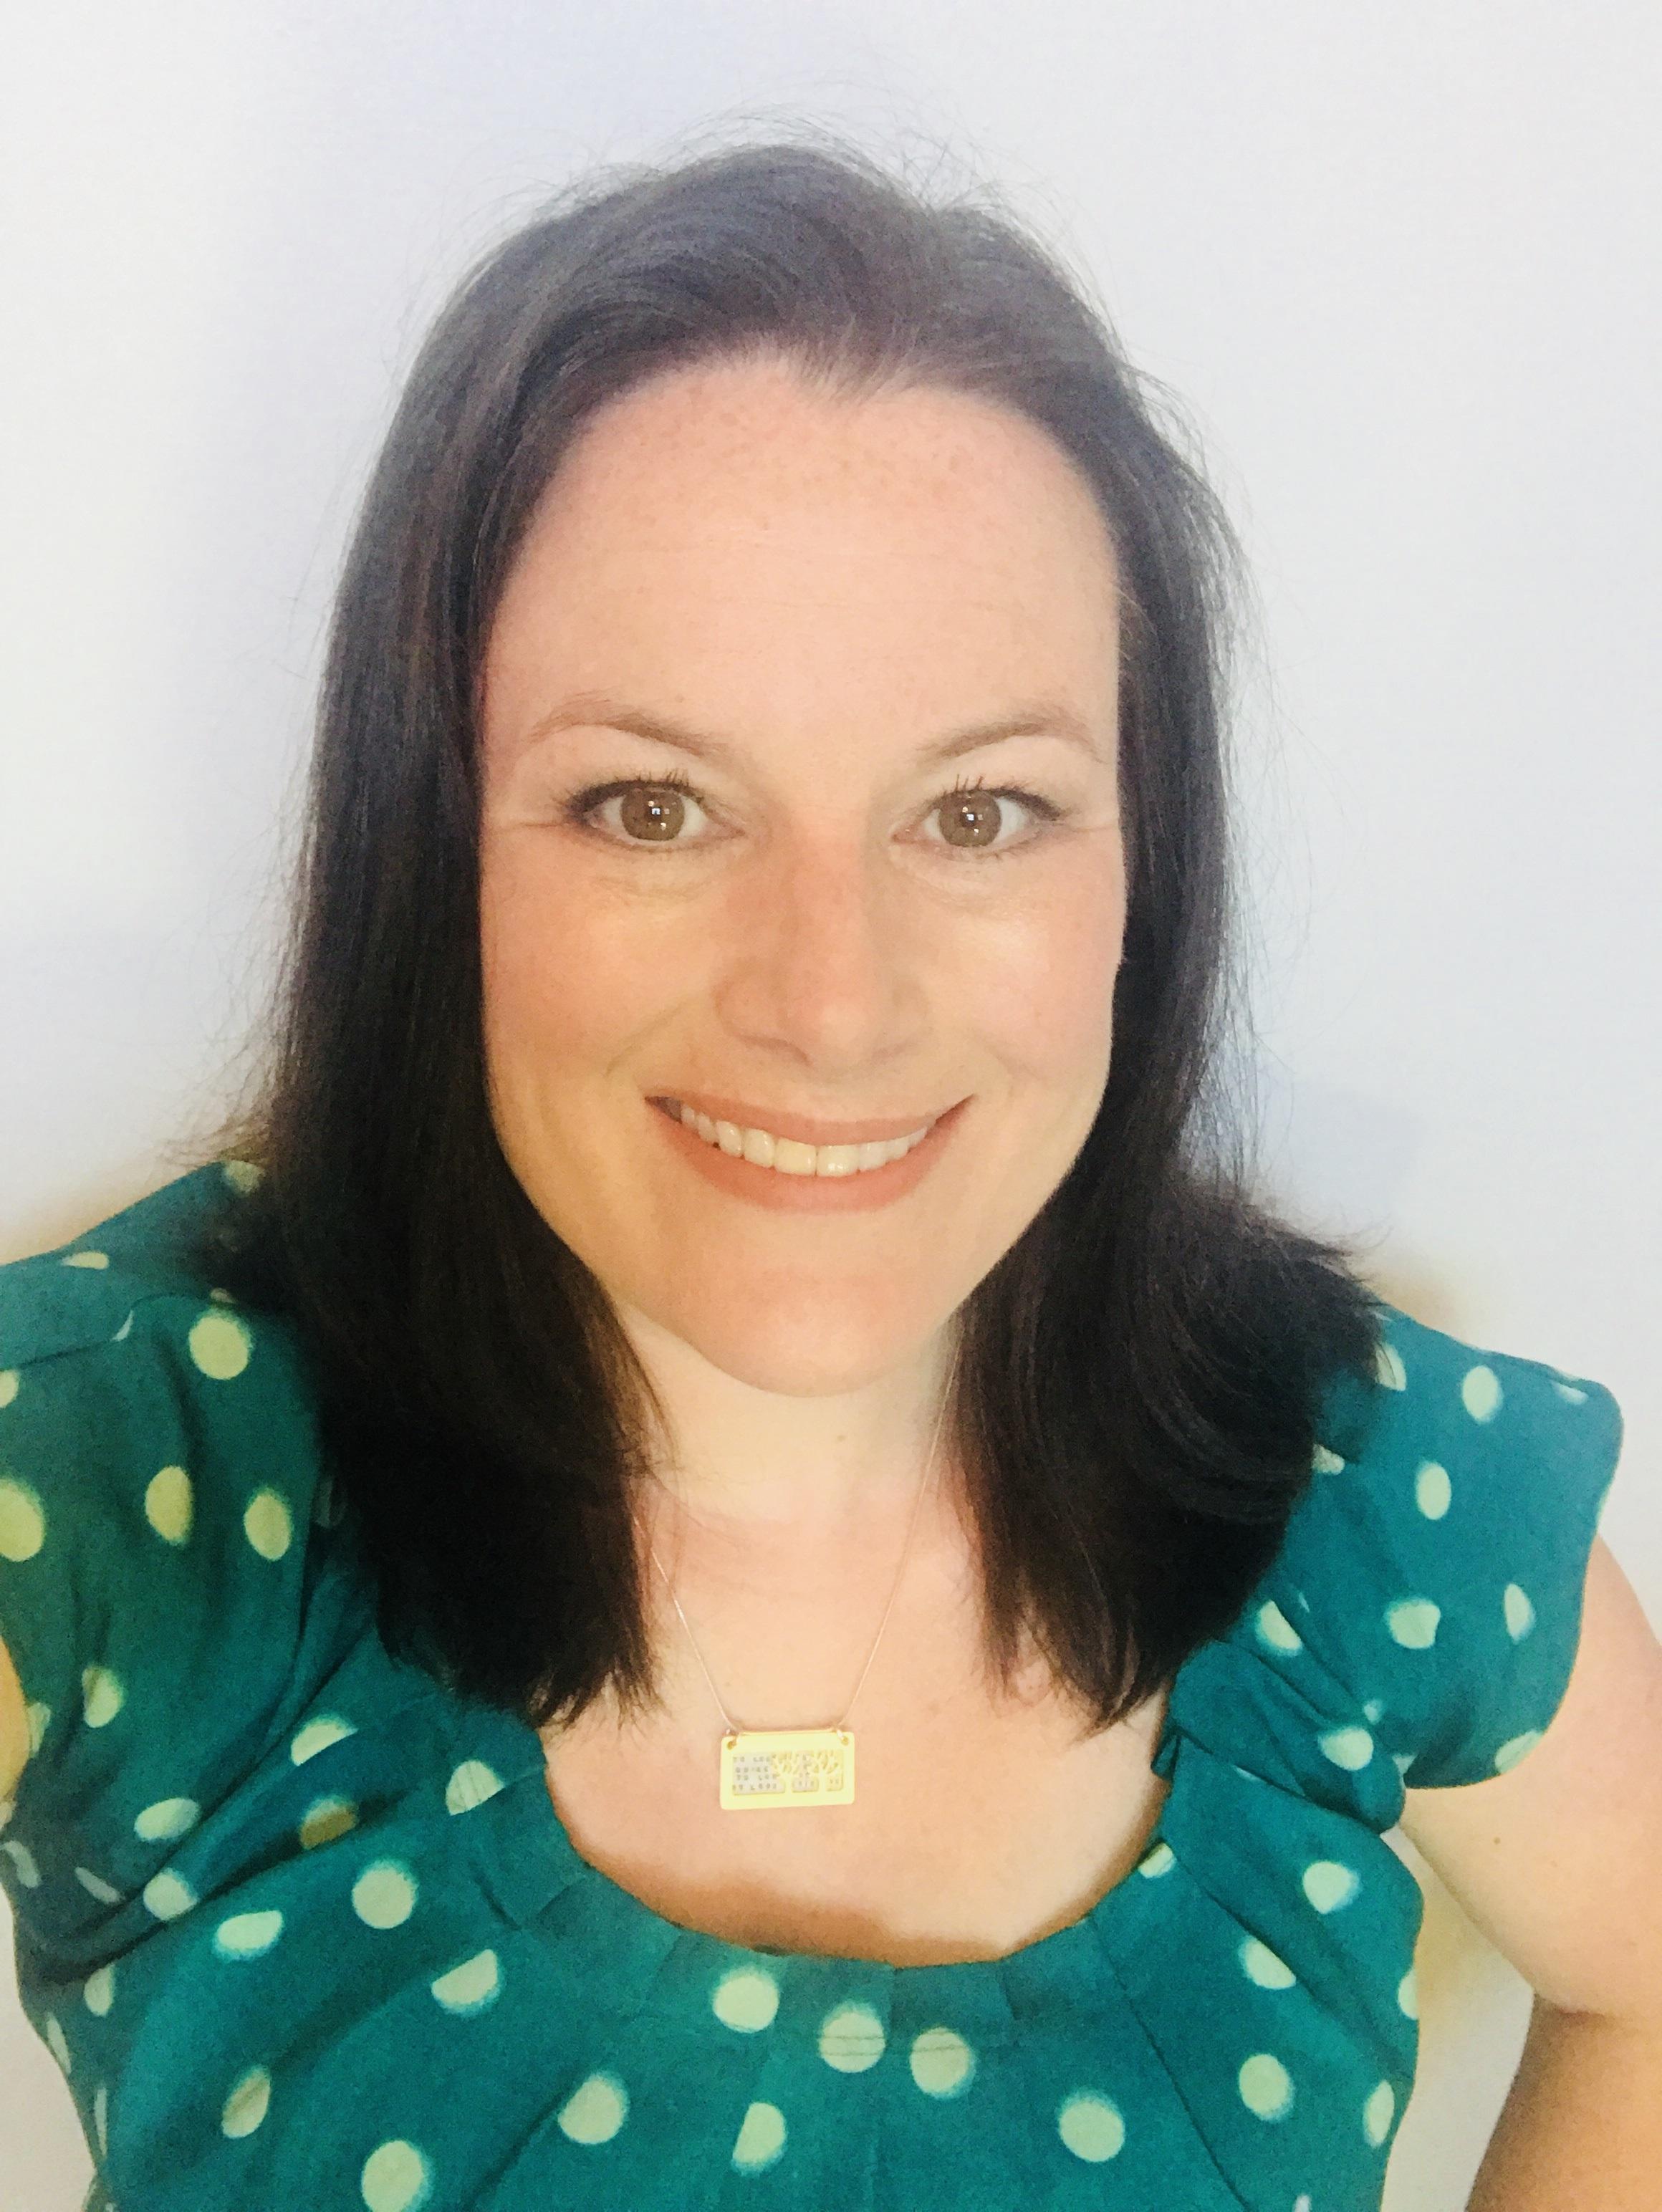 Thumbnail image for Maggie Louise (Stevenson) Barnhill